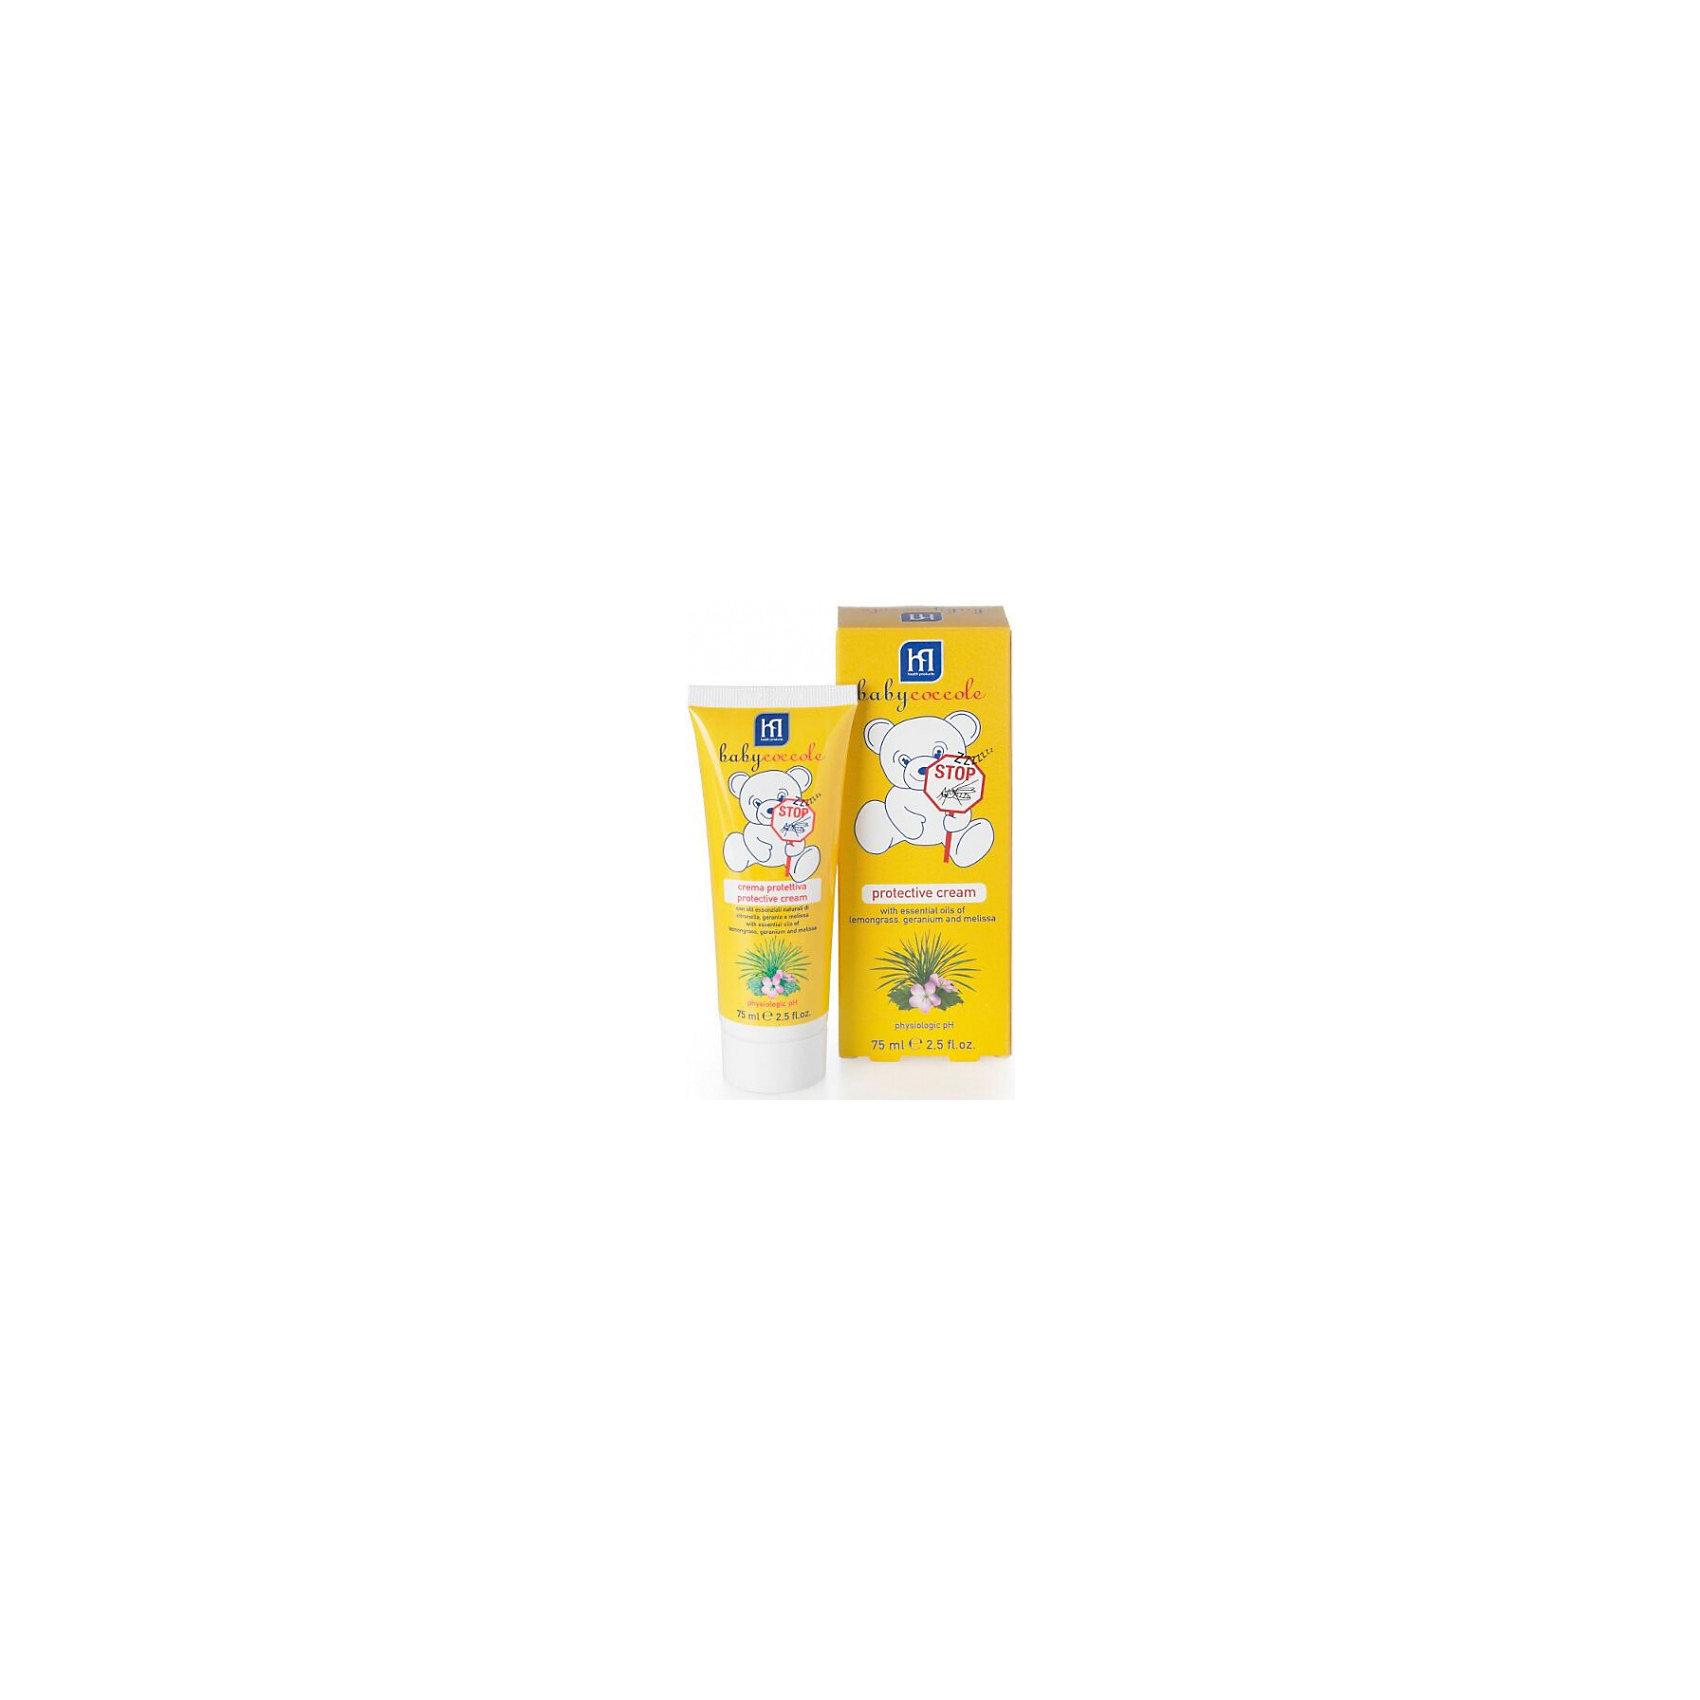 Babycoccole Защитный крем от комаров 75мл, Babycoccole от комаров